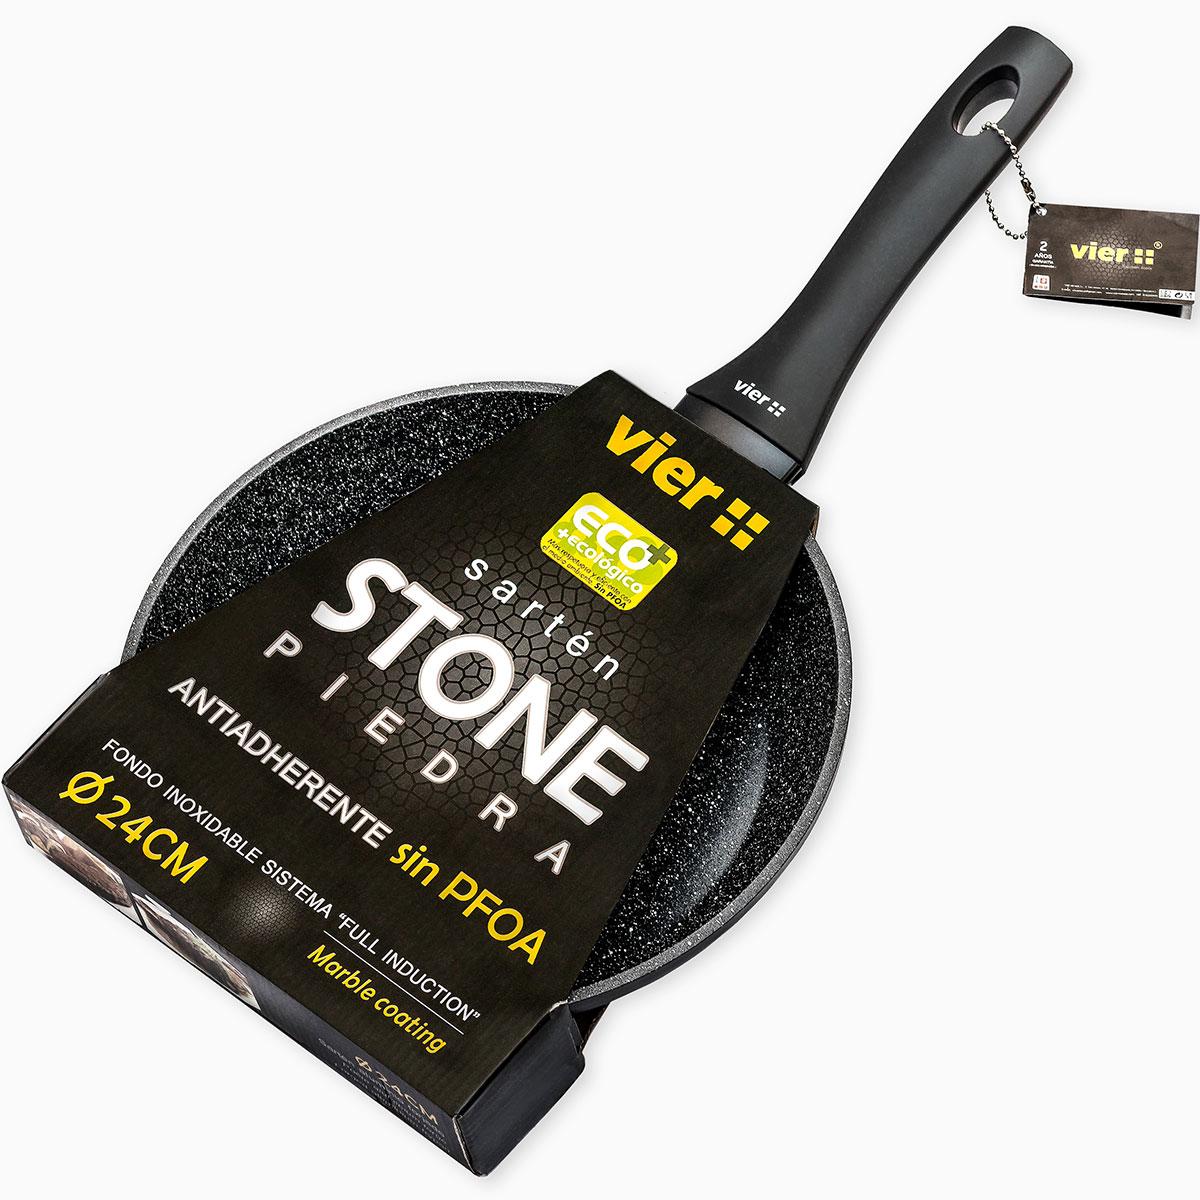 Sartén stone